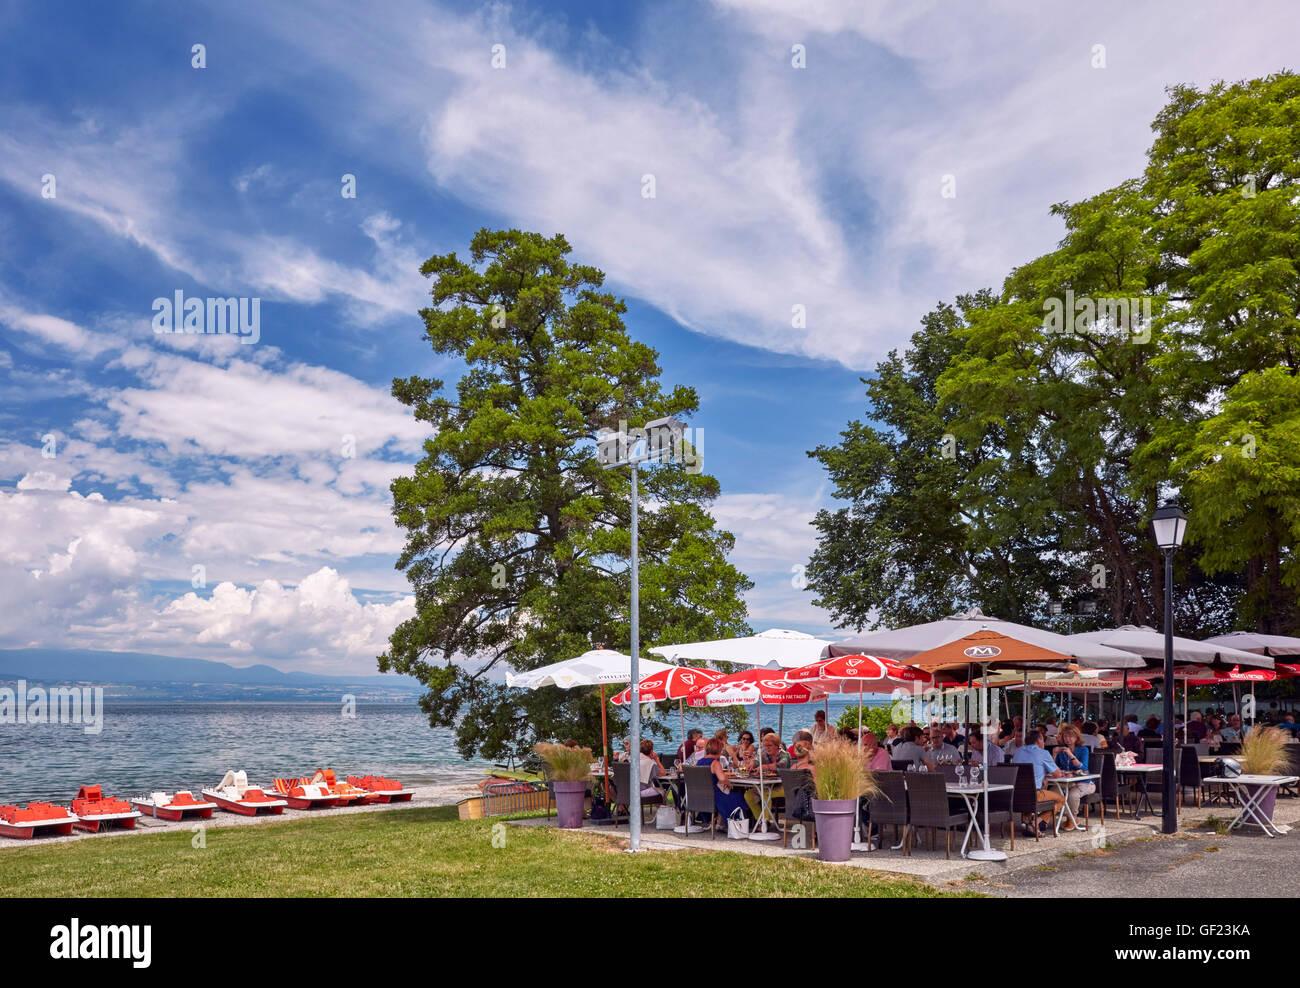 Les Pieds dans l'Eau restaurant by Lac Léman.  Anthy-sur-Léman, Haute-Savoie, France. - Stock Image